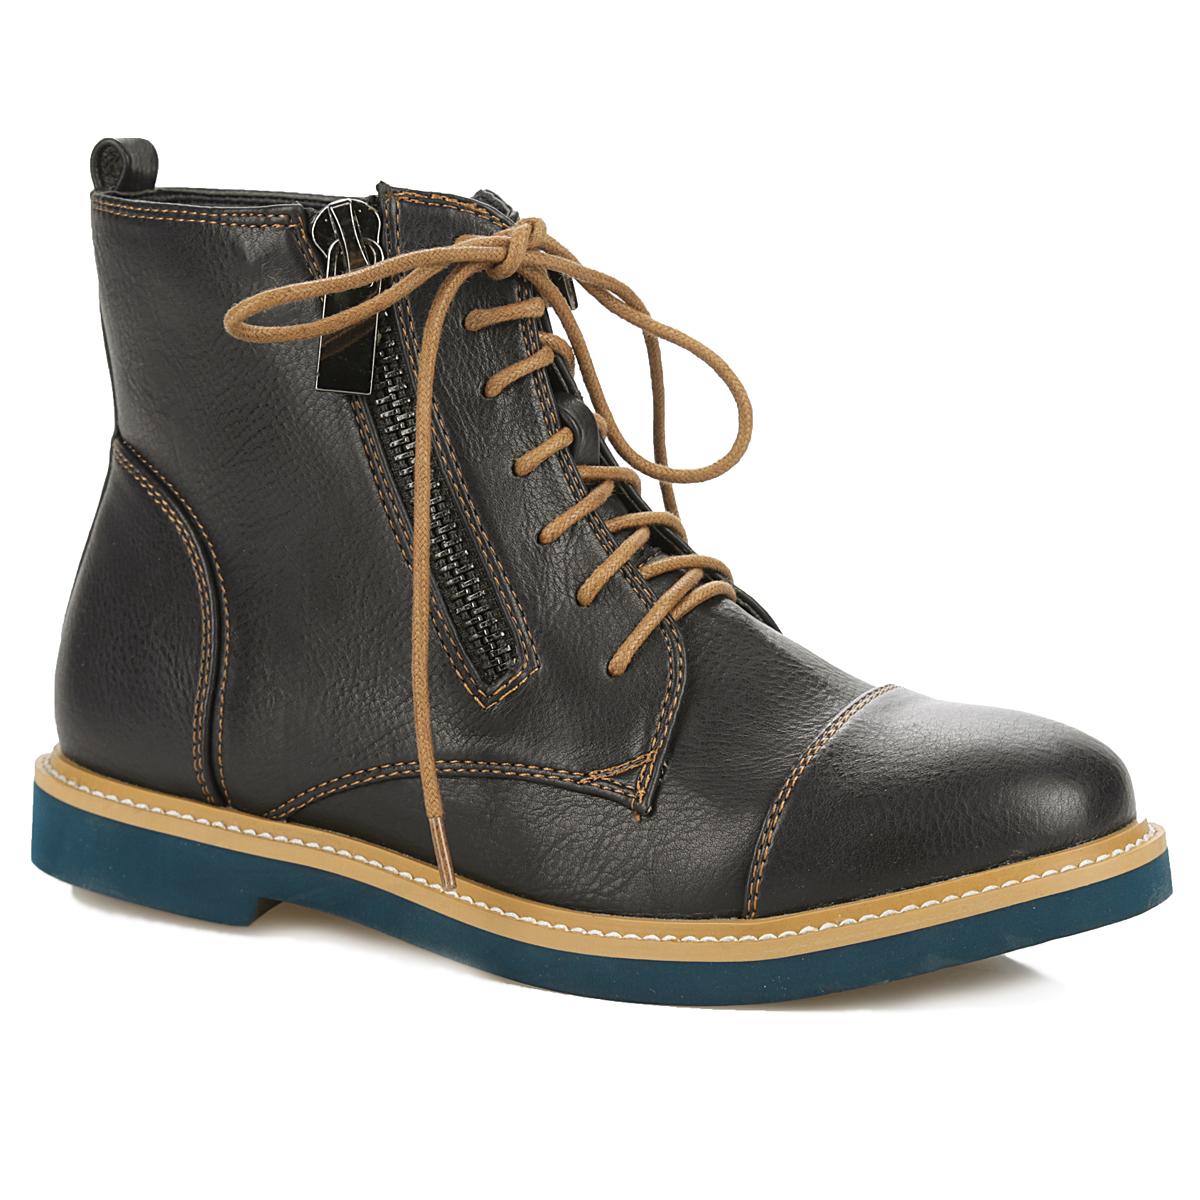 Ботинки женские. 958019/05958019/05-02Оригинальные женские ботинки от Betsy заинтересуют вас своим дизайном. Модель выполнена из искусственной кожи. Подкладка и стелька - из текстиля, обеспечивают максимальный комфорт при движении. Верх изделия оформлен шнуровкой, которая прочно зафиксирует модель на вашей ноге, а так же двумя металлическими молниями, с помощью которых можно регулировать объем голенища. Задник декорирован наружным ремнем и ярлычком. Подошва из полимера с рельефным протектором обеспечивает отличное сцепление на любой поверхности. В этих ботинках вашим ногам будет комфортно и уютно. Они подчеркнут ваш стиль и индивидуальность